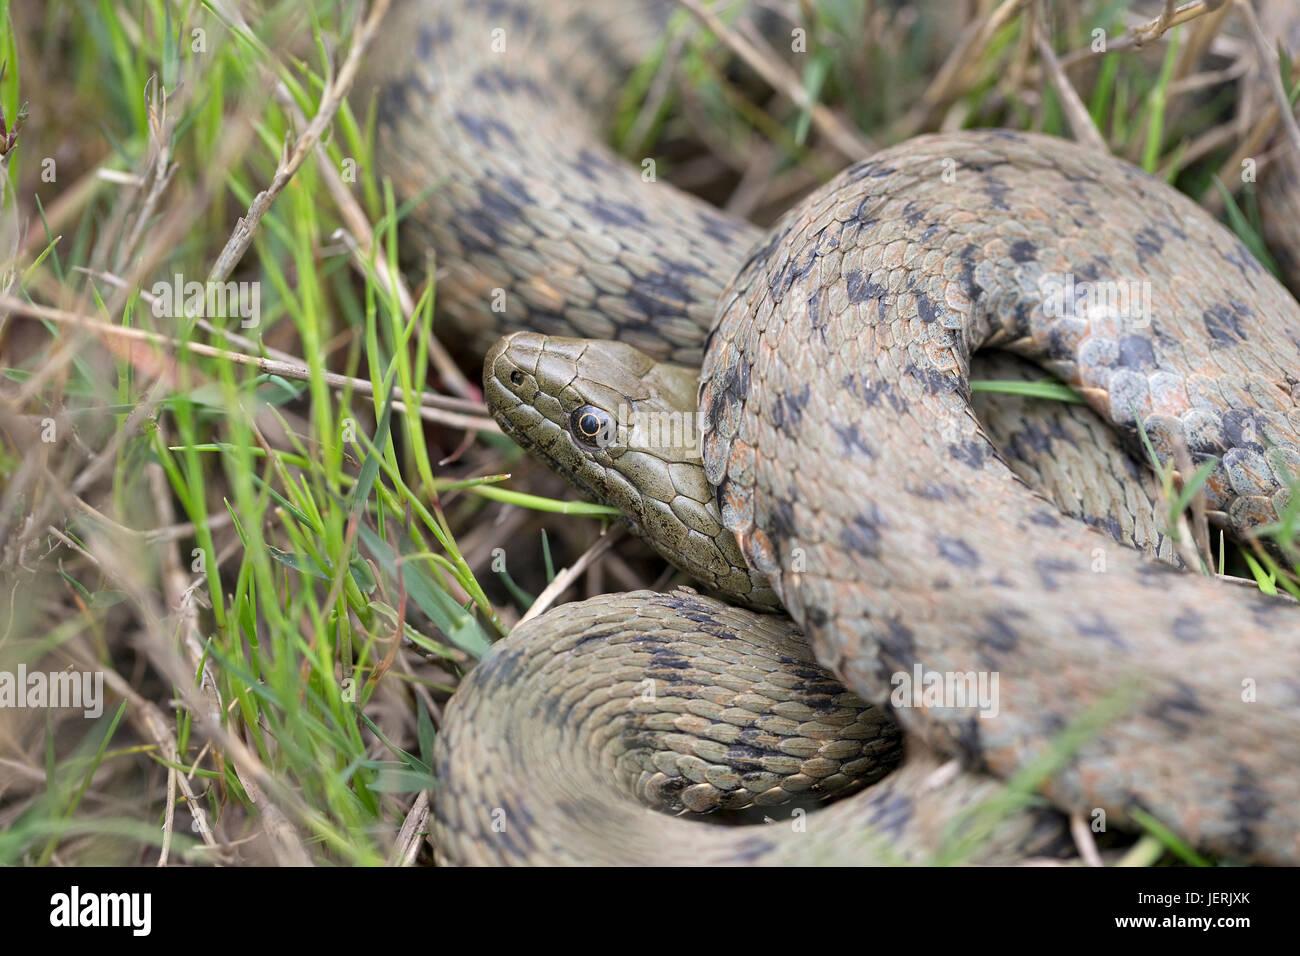 Dados la serpiente (Natrix tessellata) Imagen De Stock